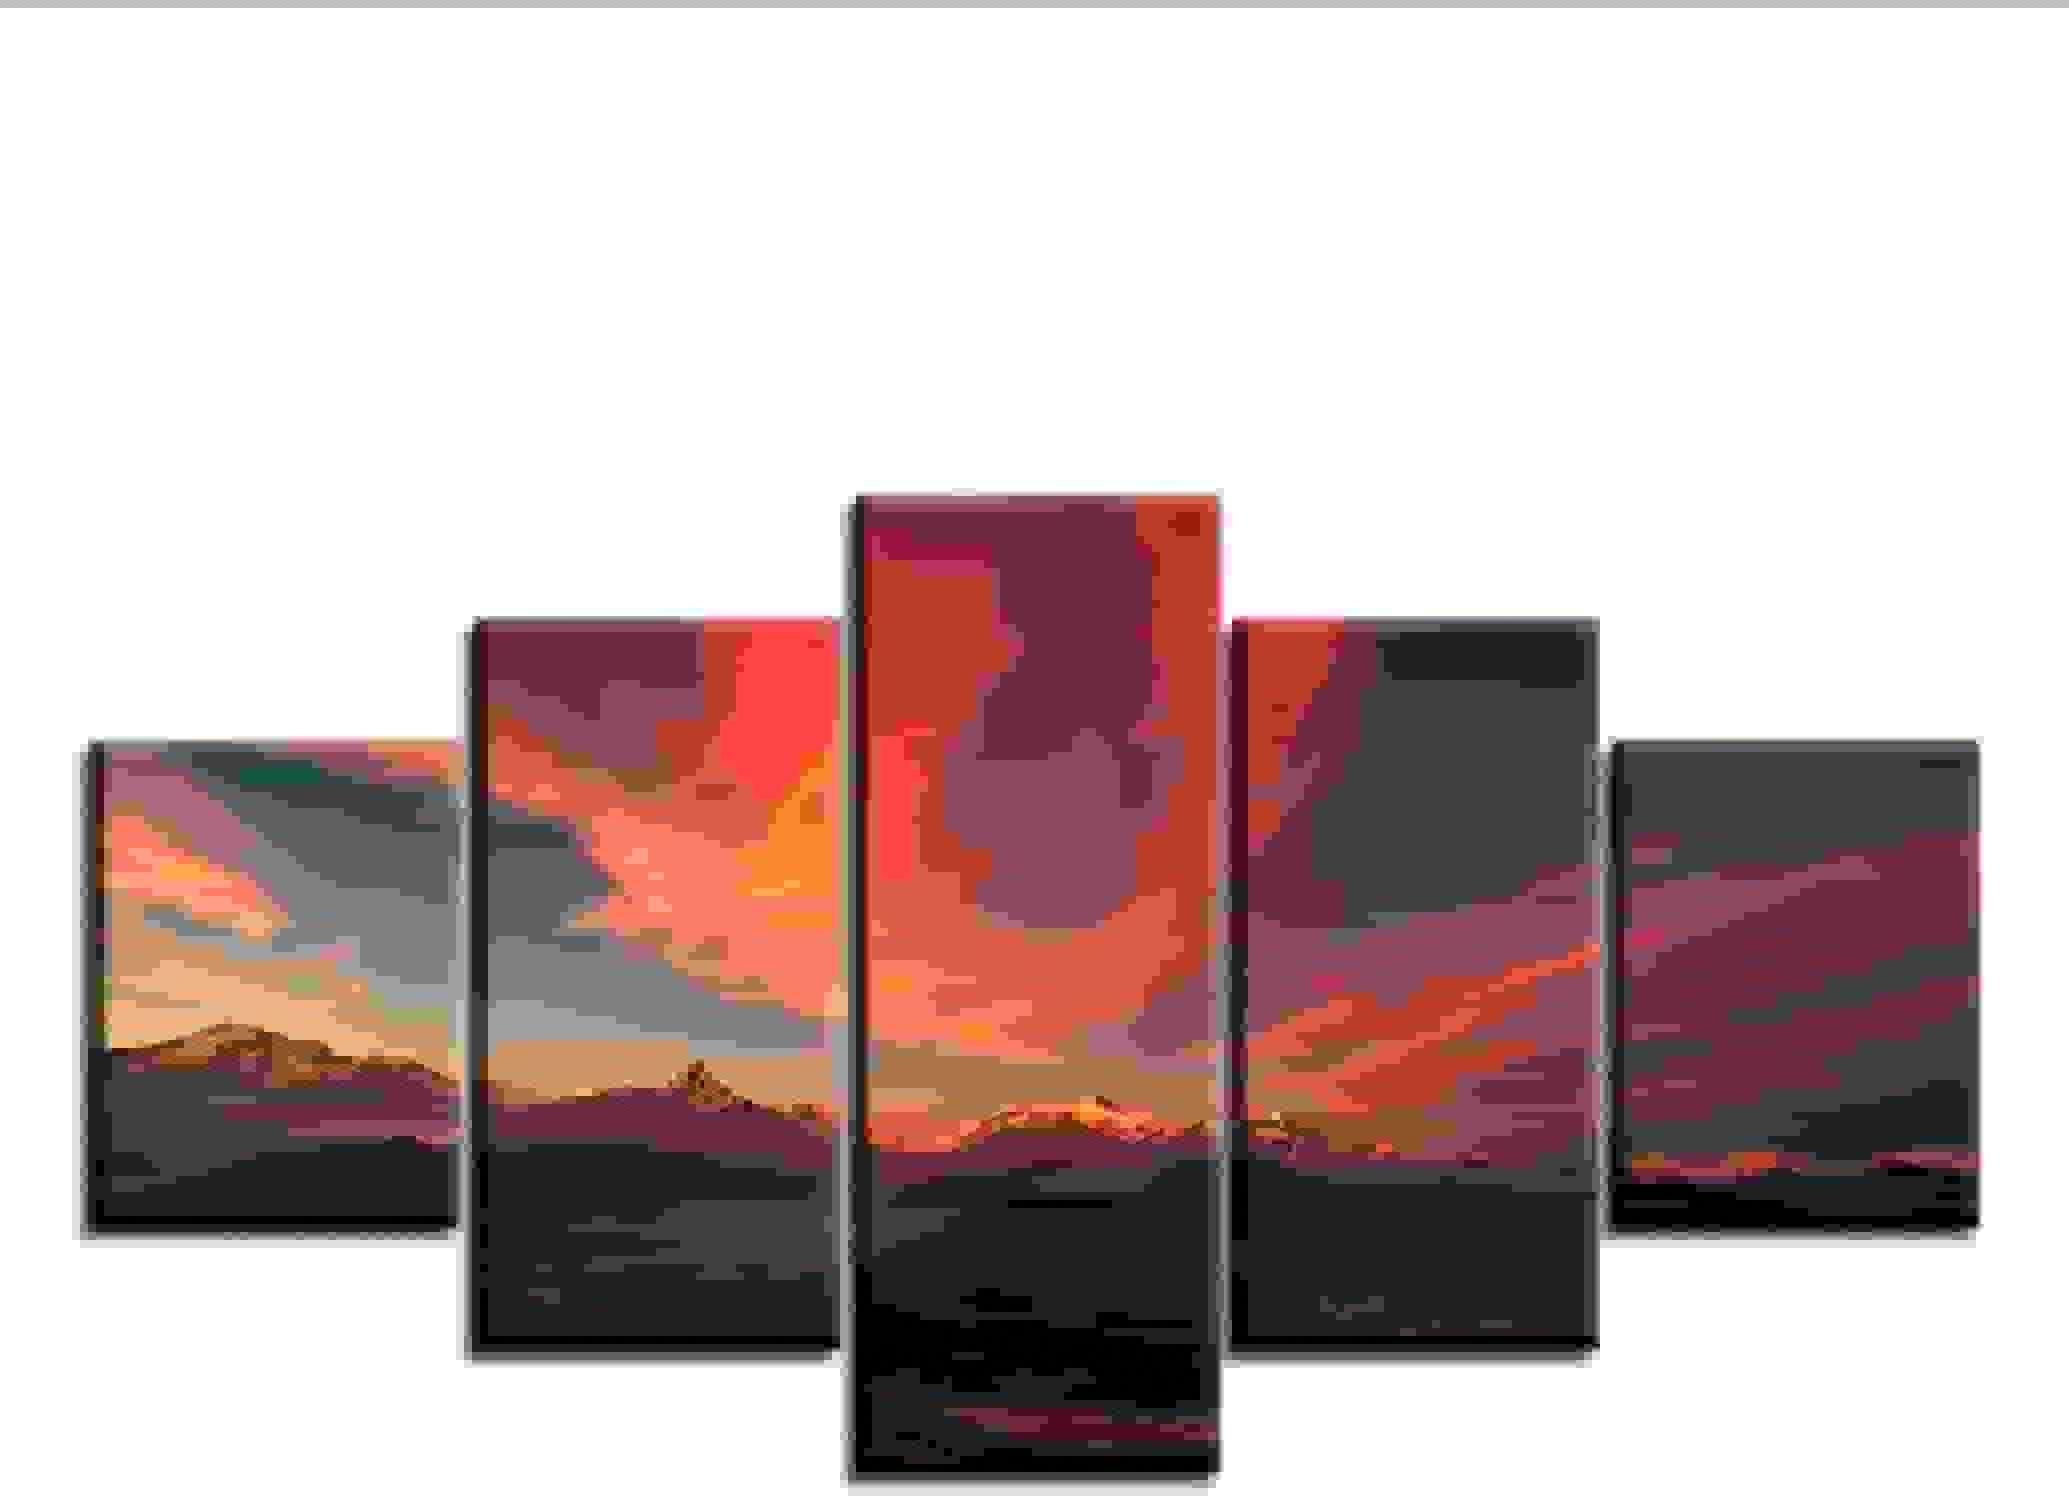 comprar ahora Guyuell Para la Sala de Estar Moderna HD Impreso Impreso Impreso Lienzo Pintura 5 Unidades Pcs Montaas Sunset Sky Wall Art Home Decor Poster Pictures-20CMx35 45 55CM,with Frame  con 60% de descuento